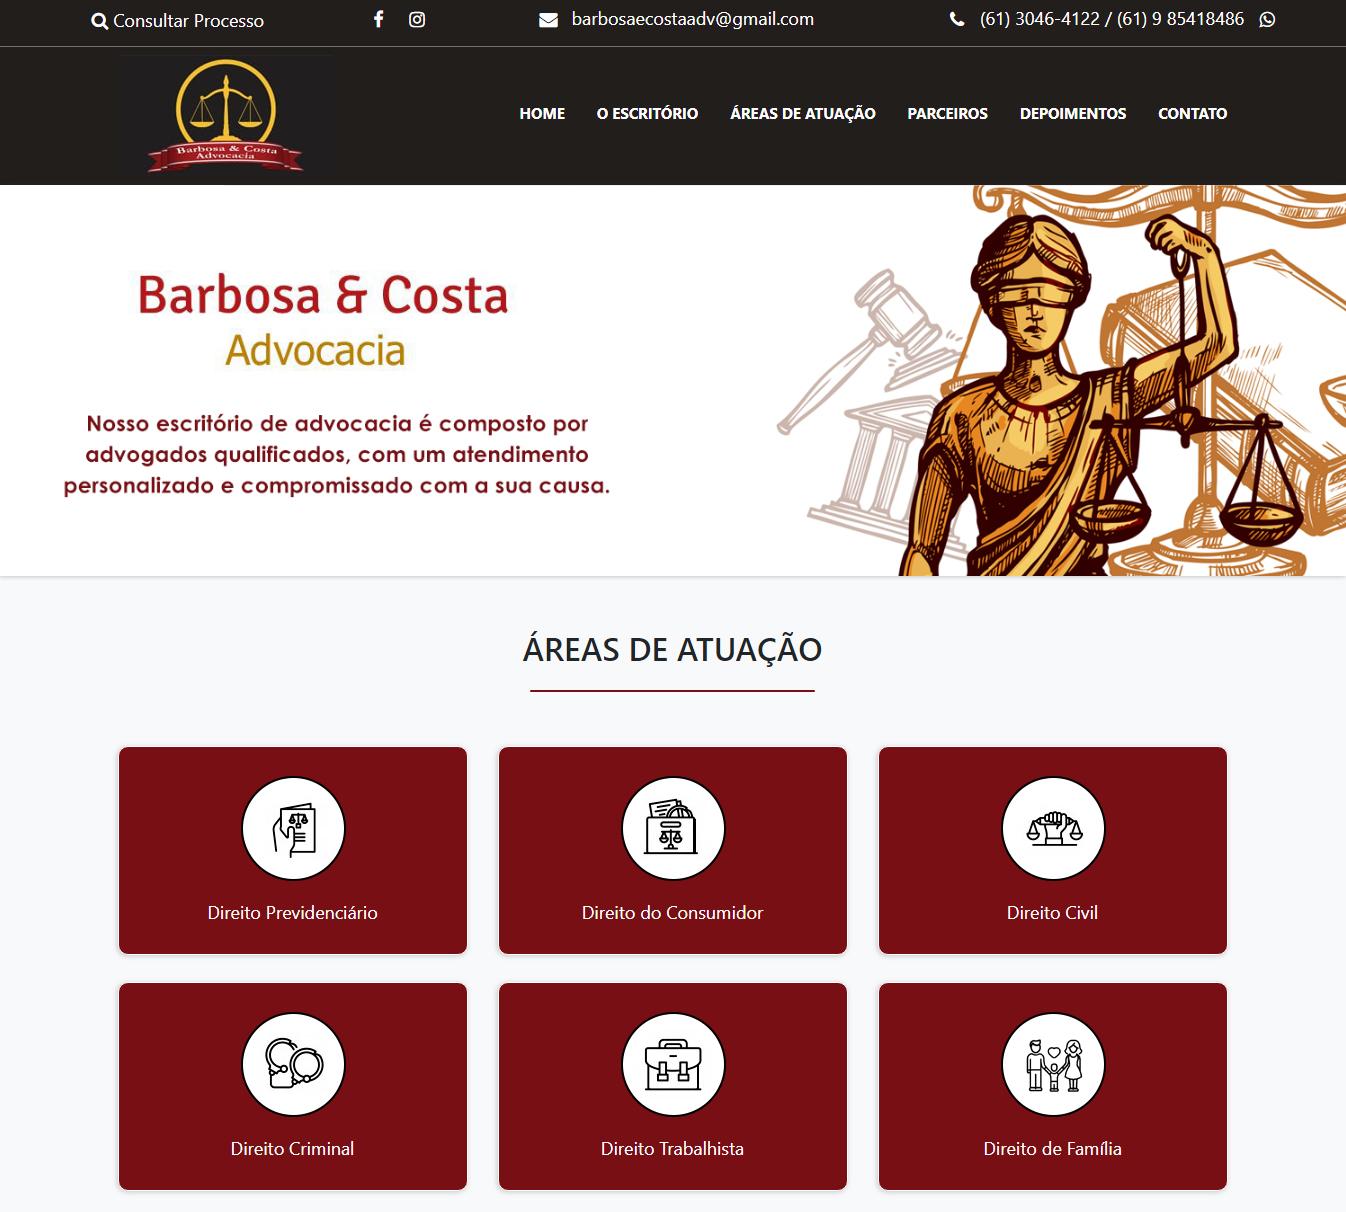 Barbosa e Costa